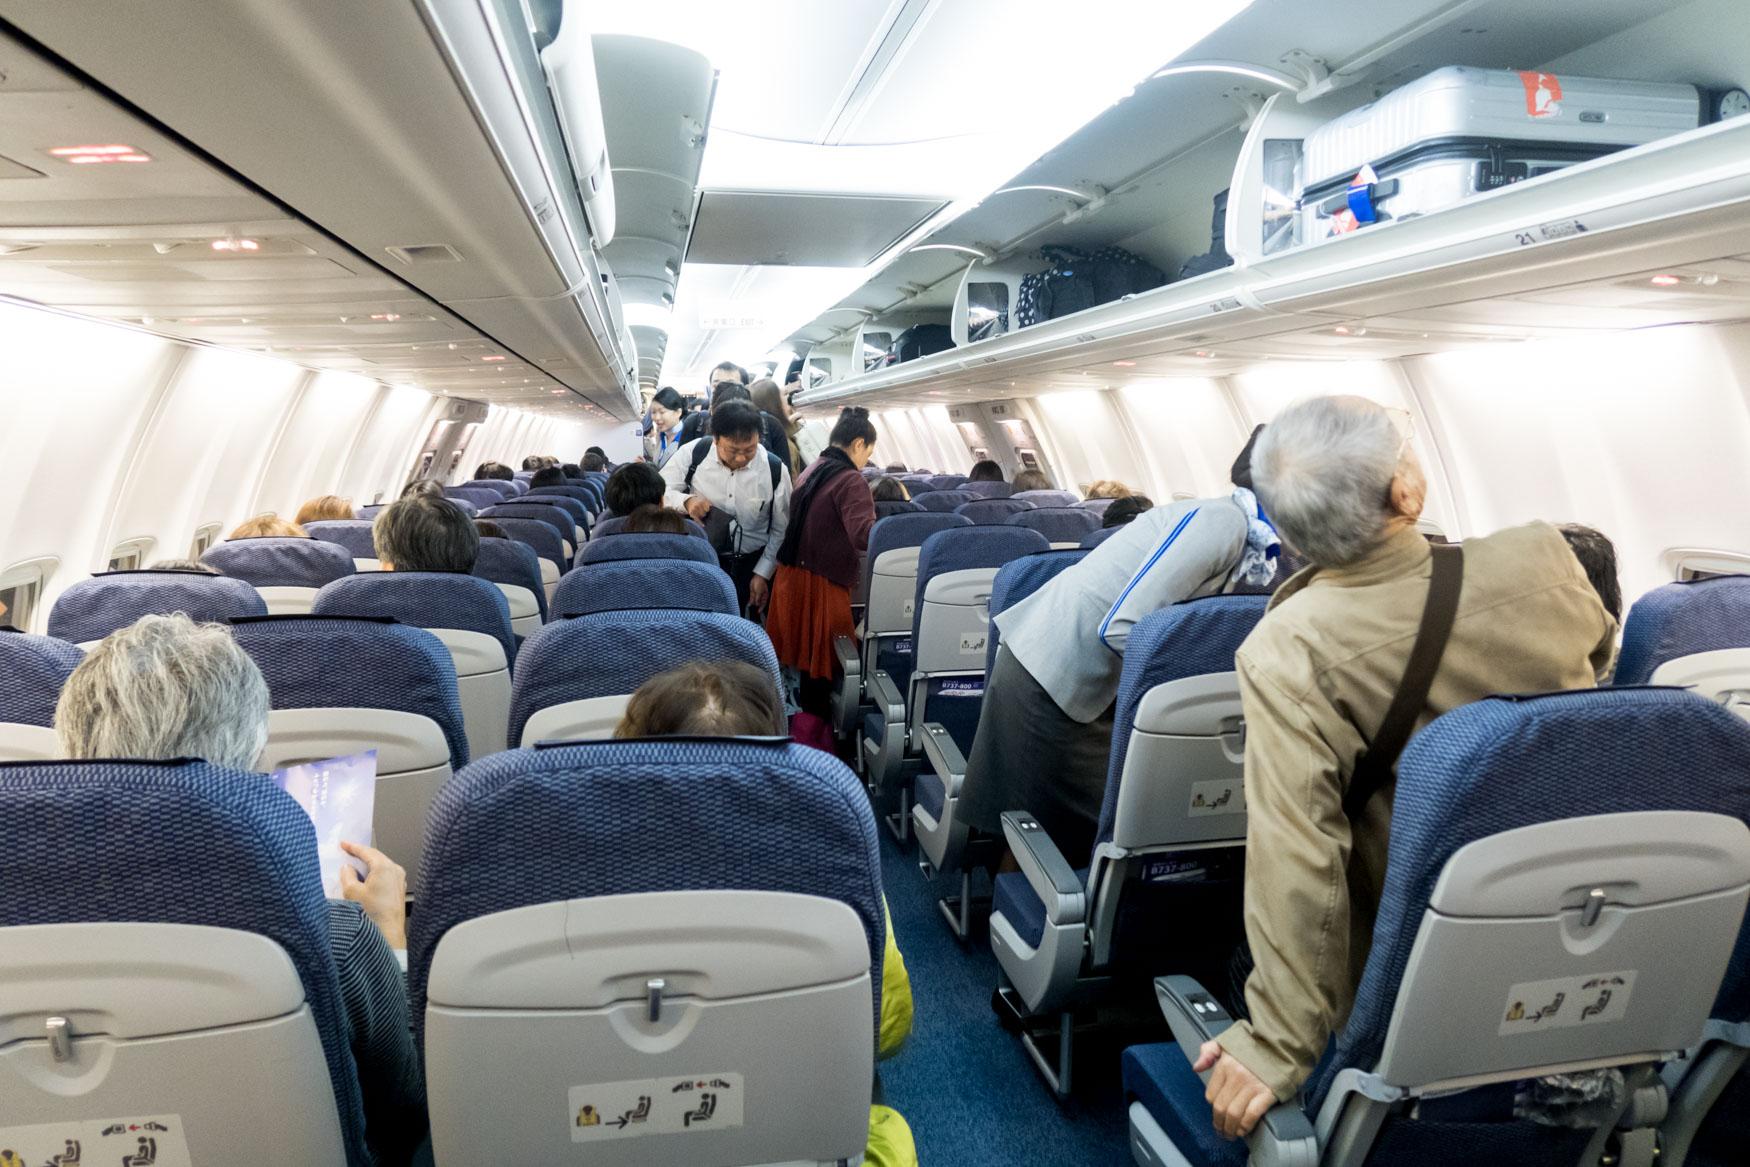 ANA 737-800 Cabin